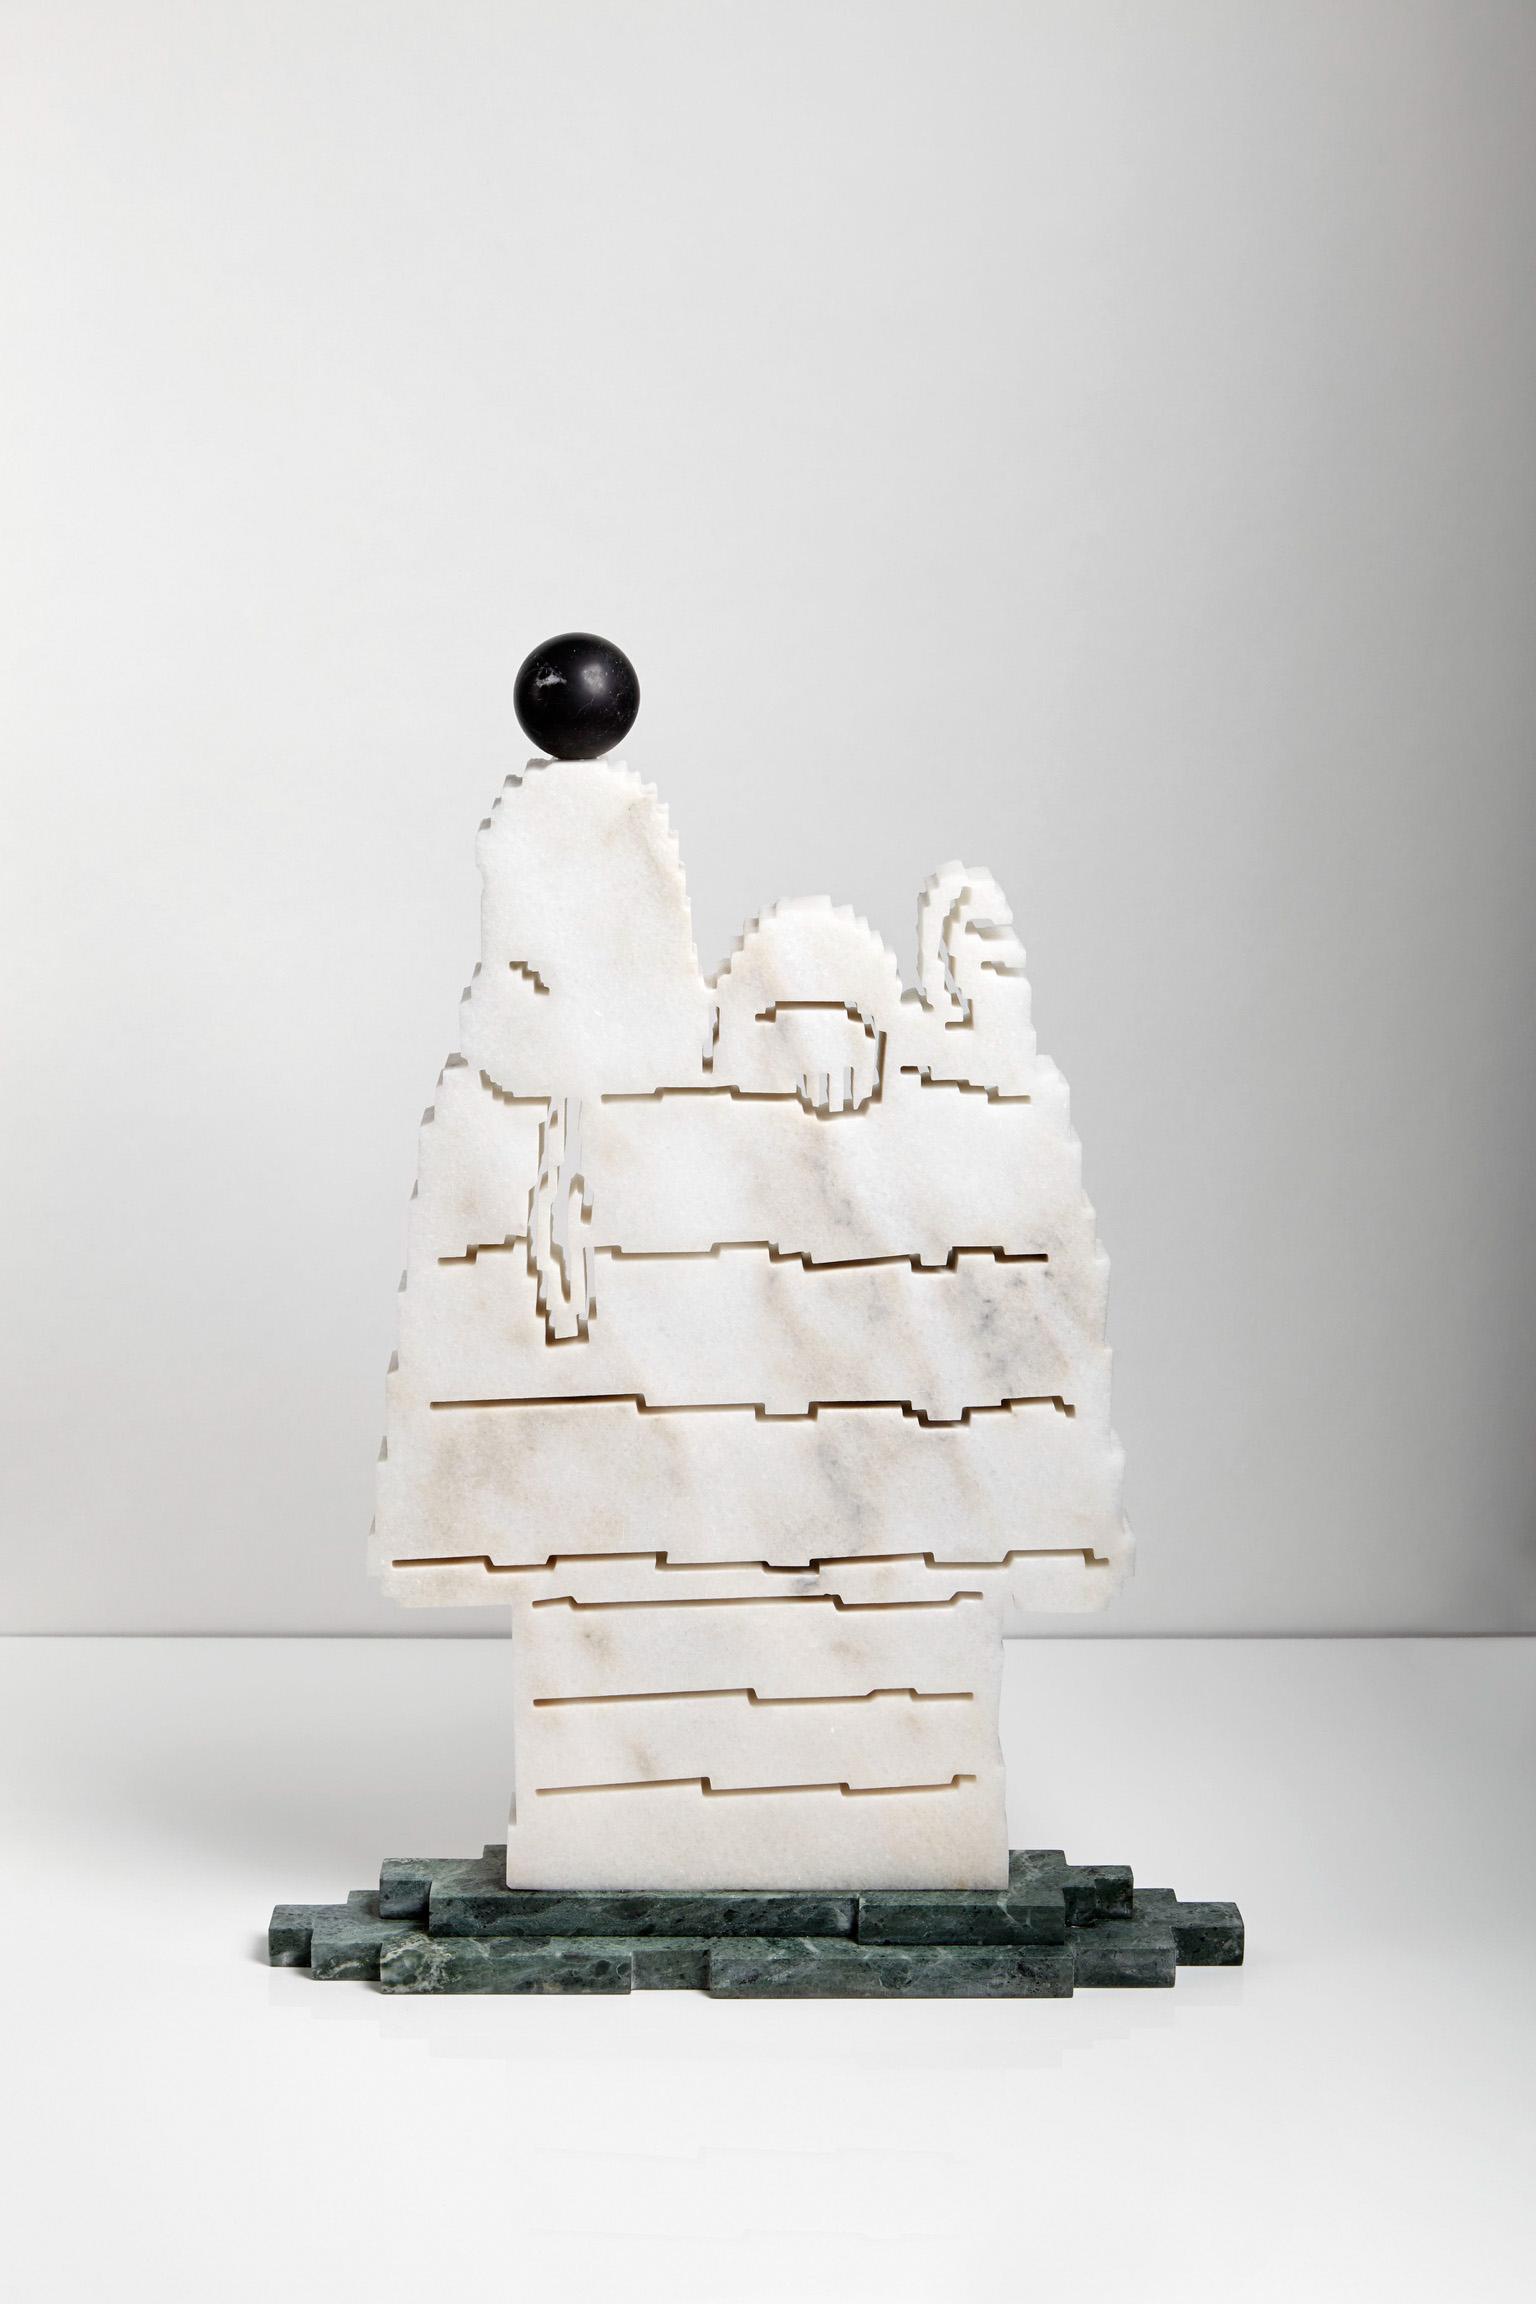 FORGET IT/LASCIA PERDERE, 2018 marmo statuario, verde Guatemala, nero Belgio 60x50x10 cm Snoopy scultura zigzag